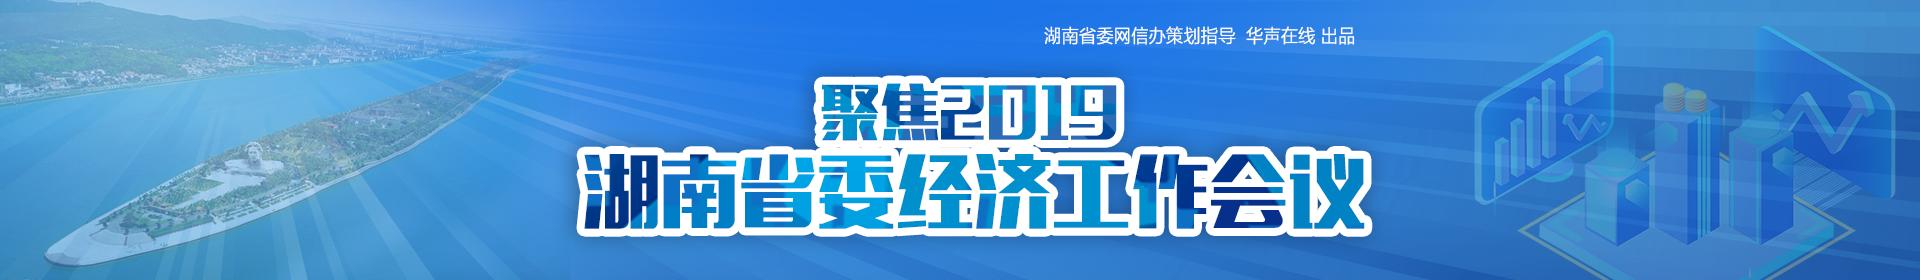 聚焦2019年湖南省委经济工作会议